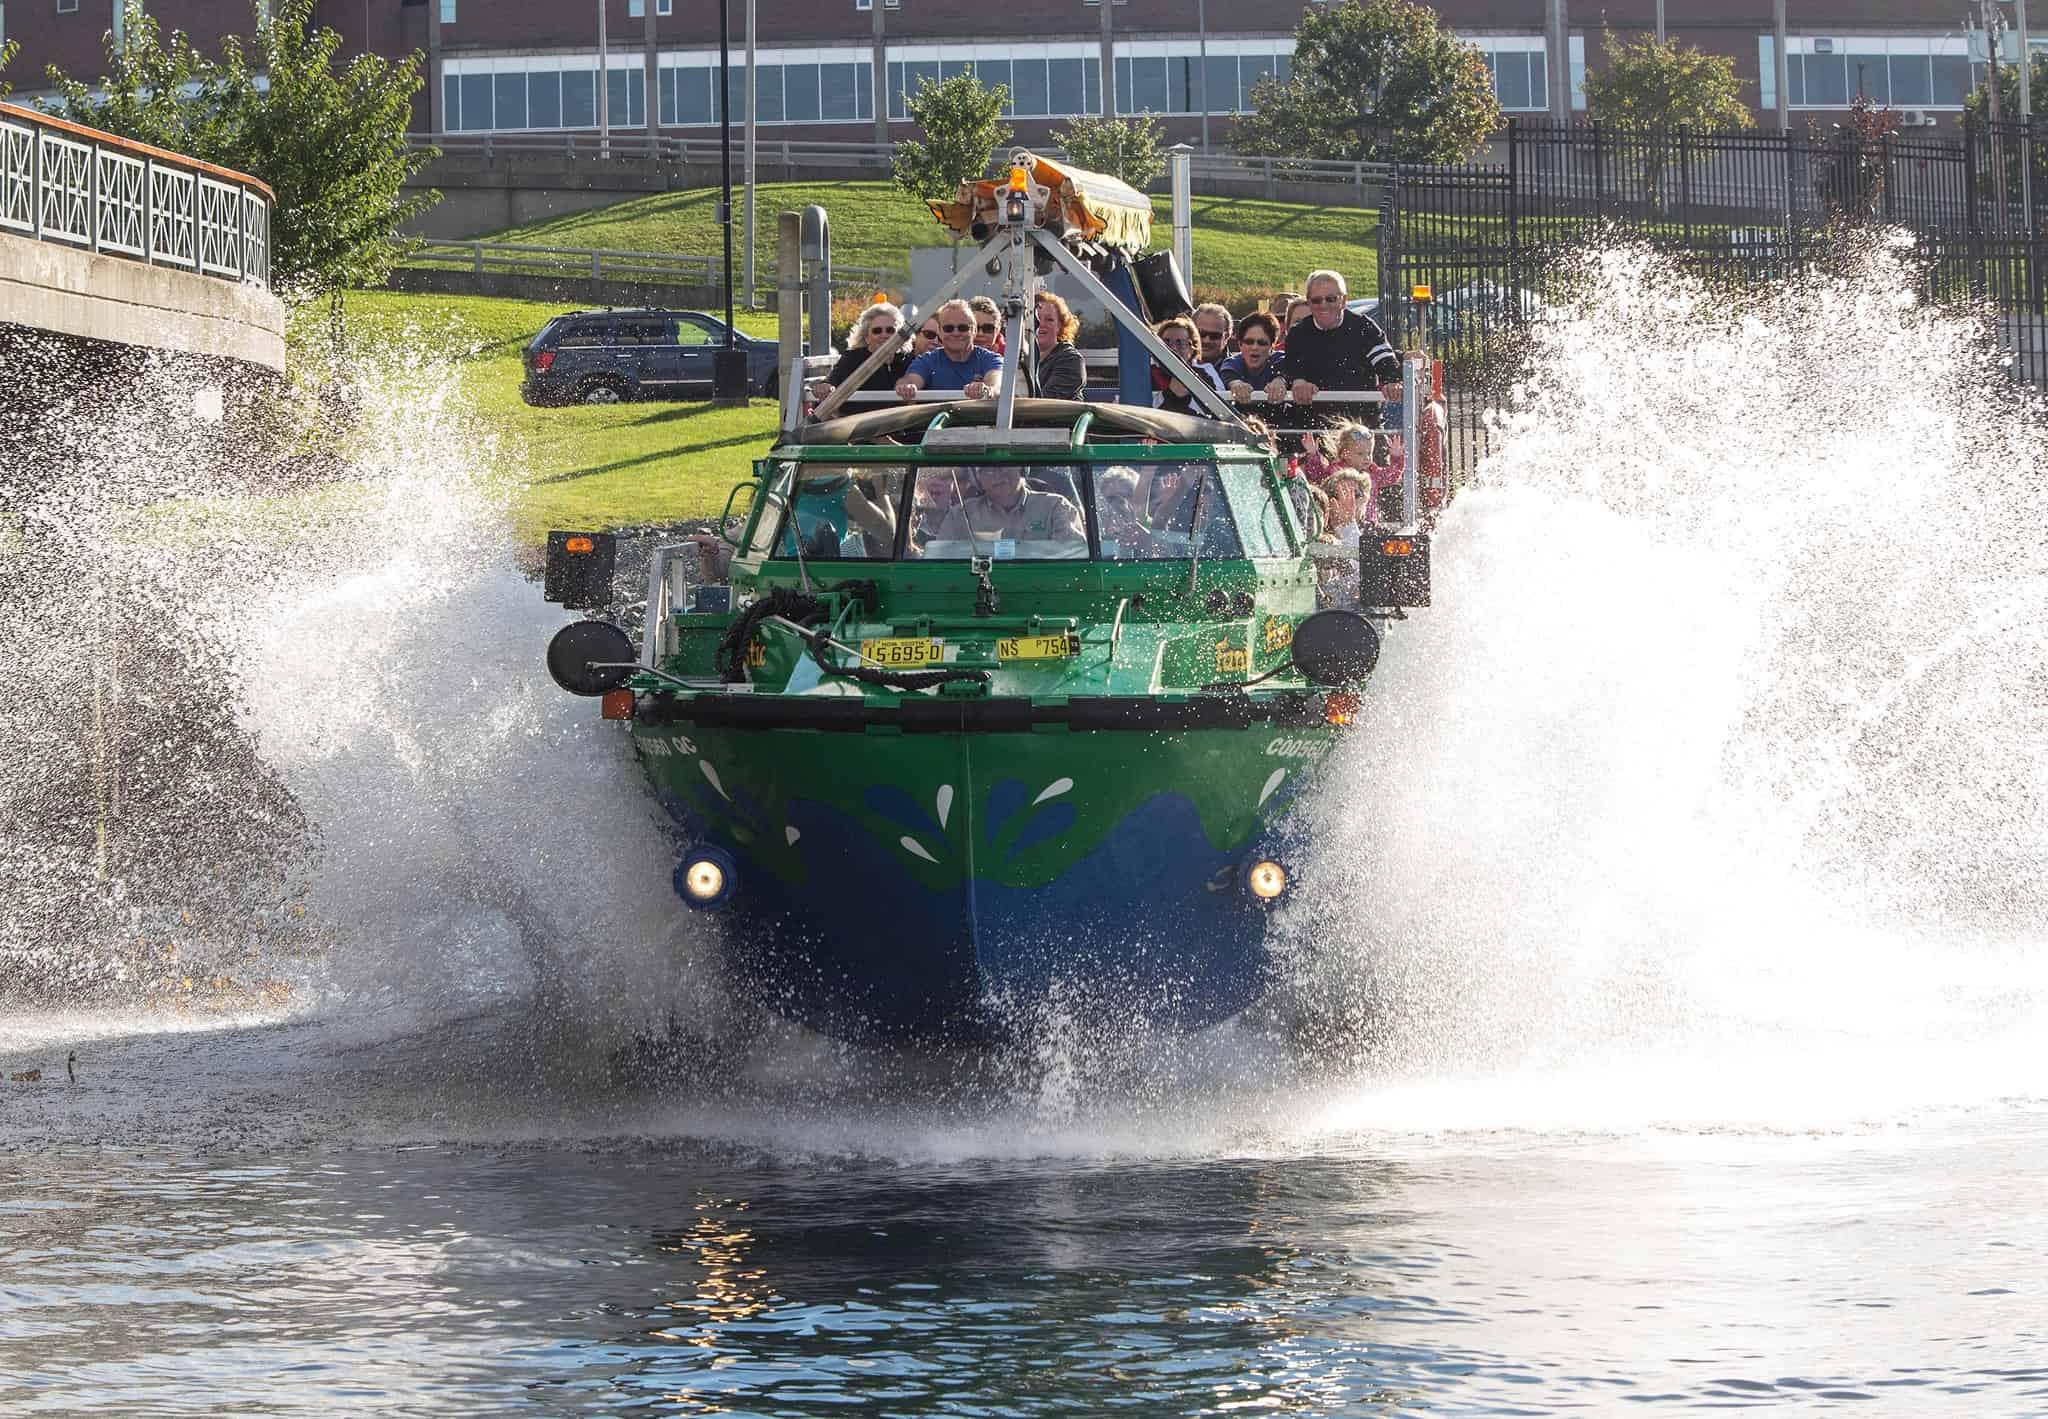 harbour hopper tours halifax nova scotia canada